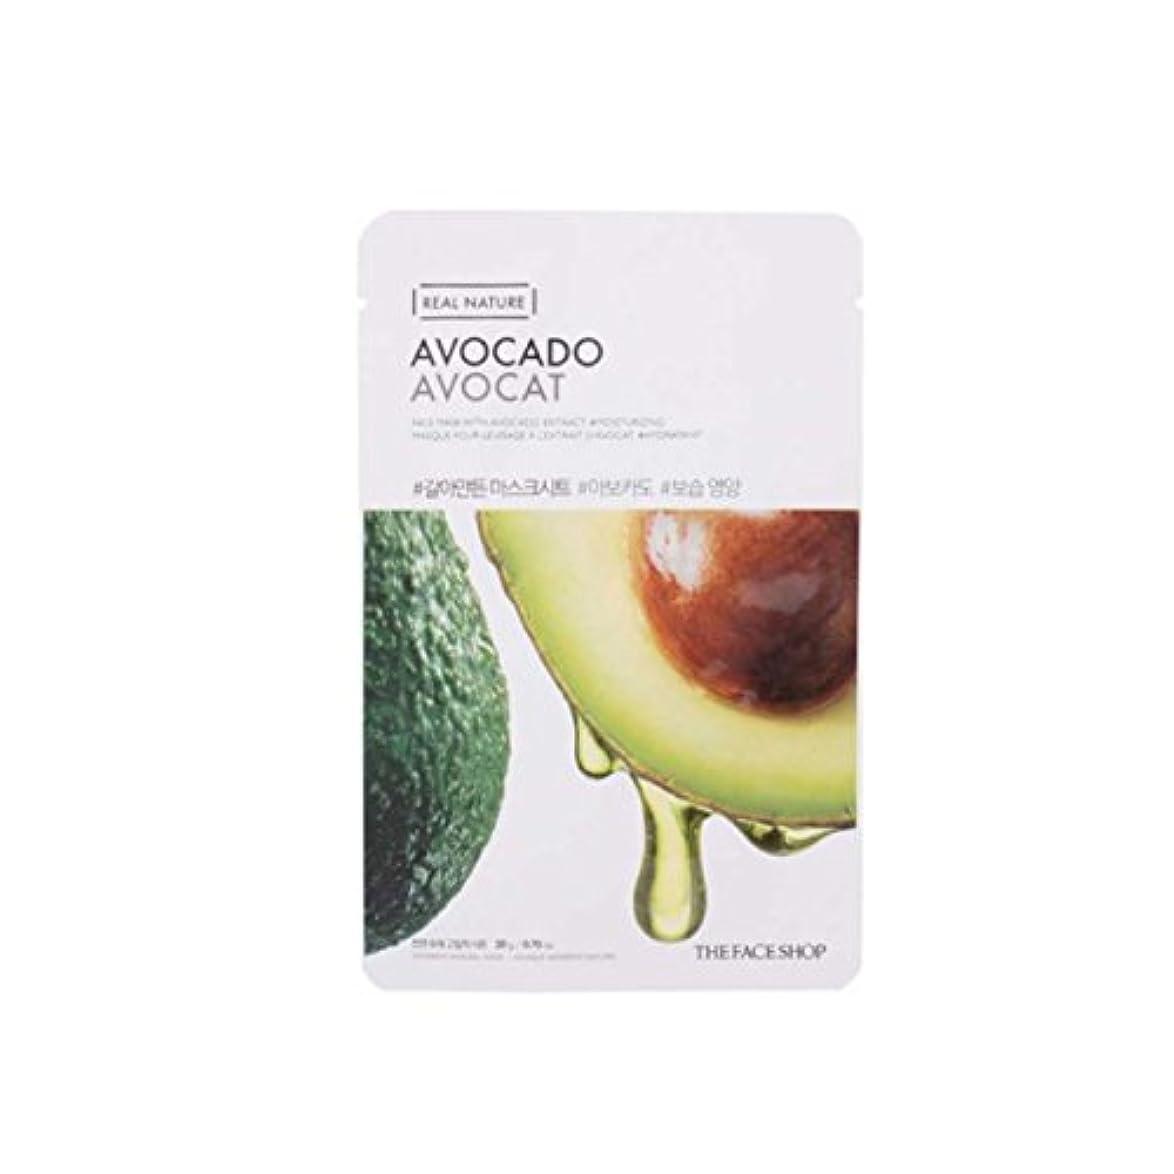 パーツすべき軽く[The Face Shop] ザフェイスショップ リアルネイチャーマスクシート Real Nature Mask Sheet (Avocado (アボカド) 10個) [並行輸入品]